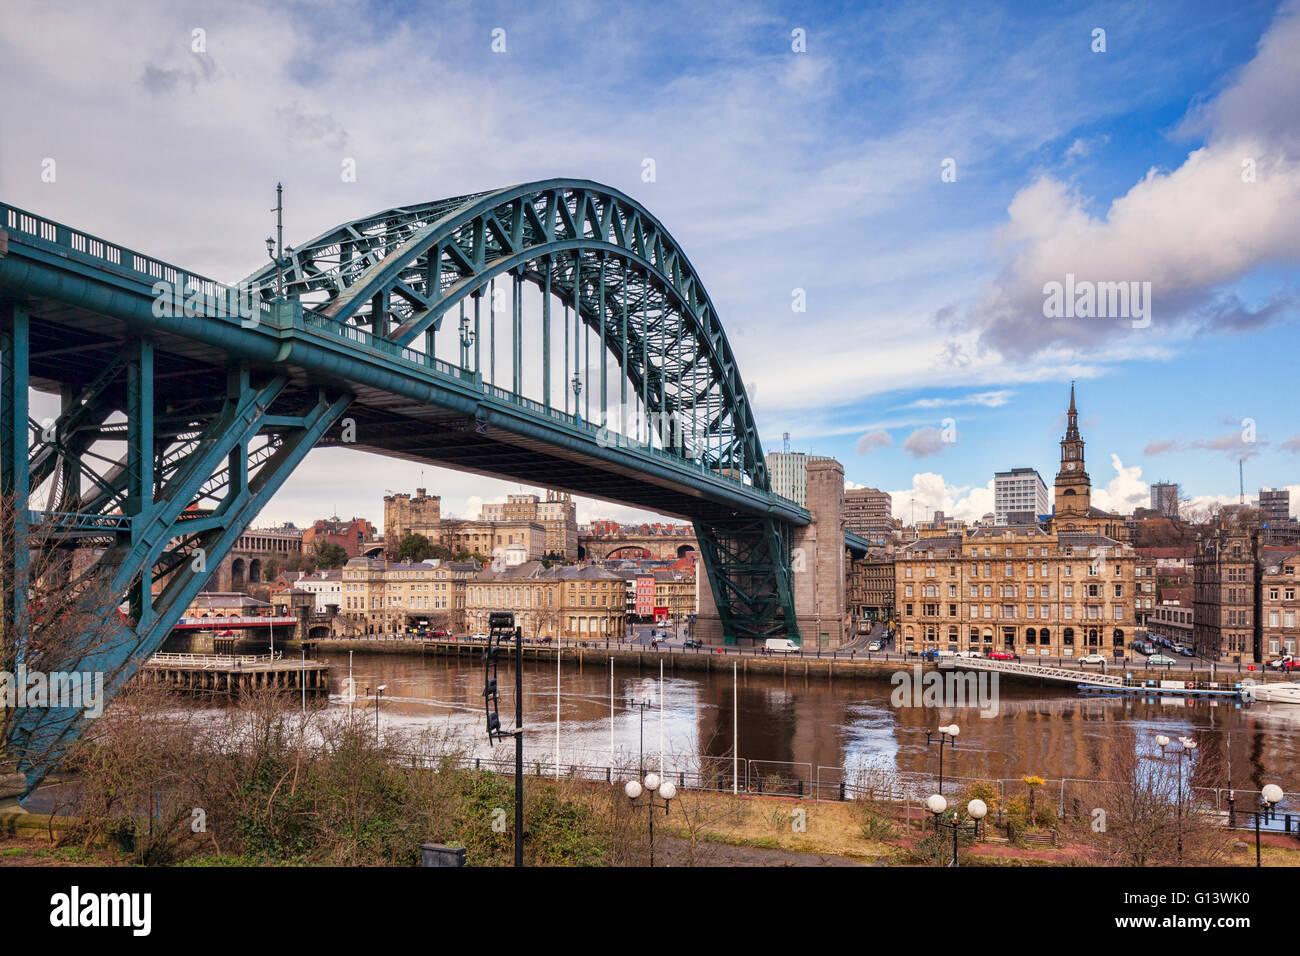 Tyne Bridge, Tyne and Wear, England, UK Stock Photo